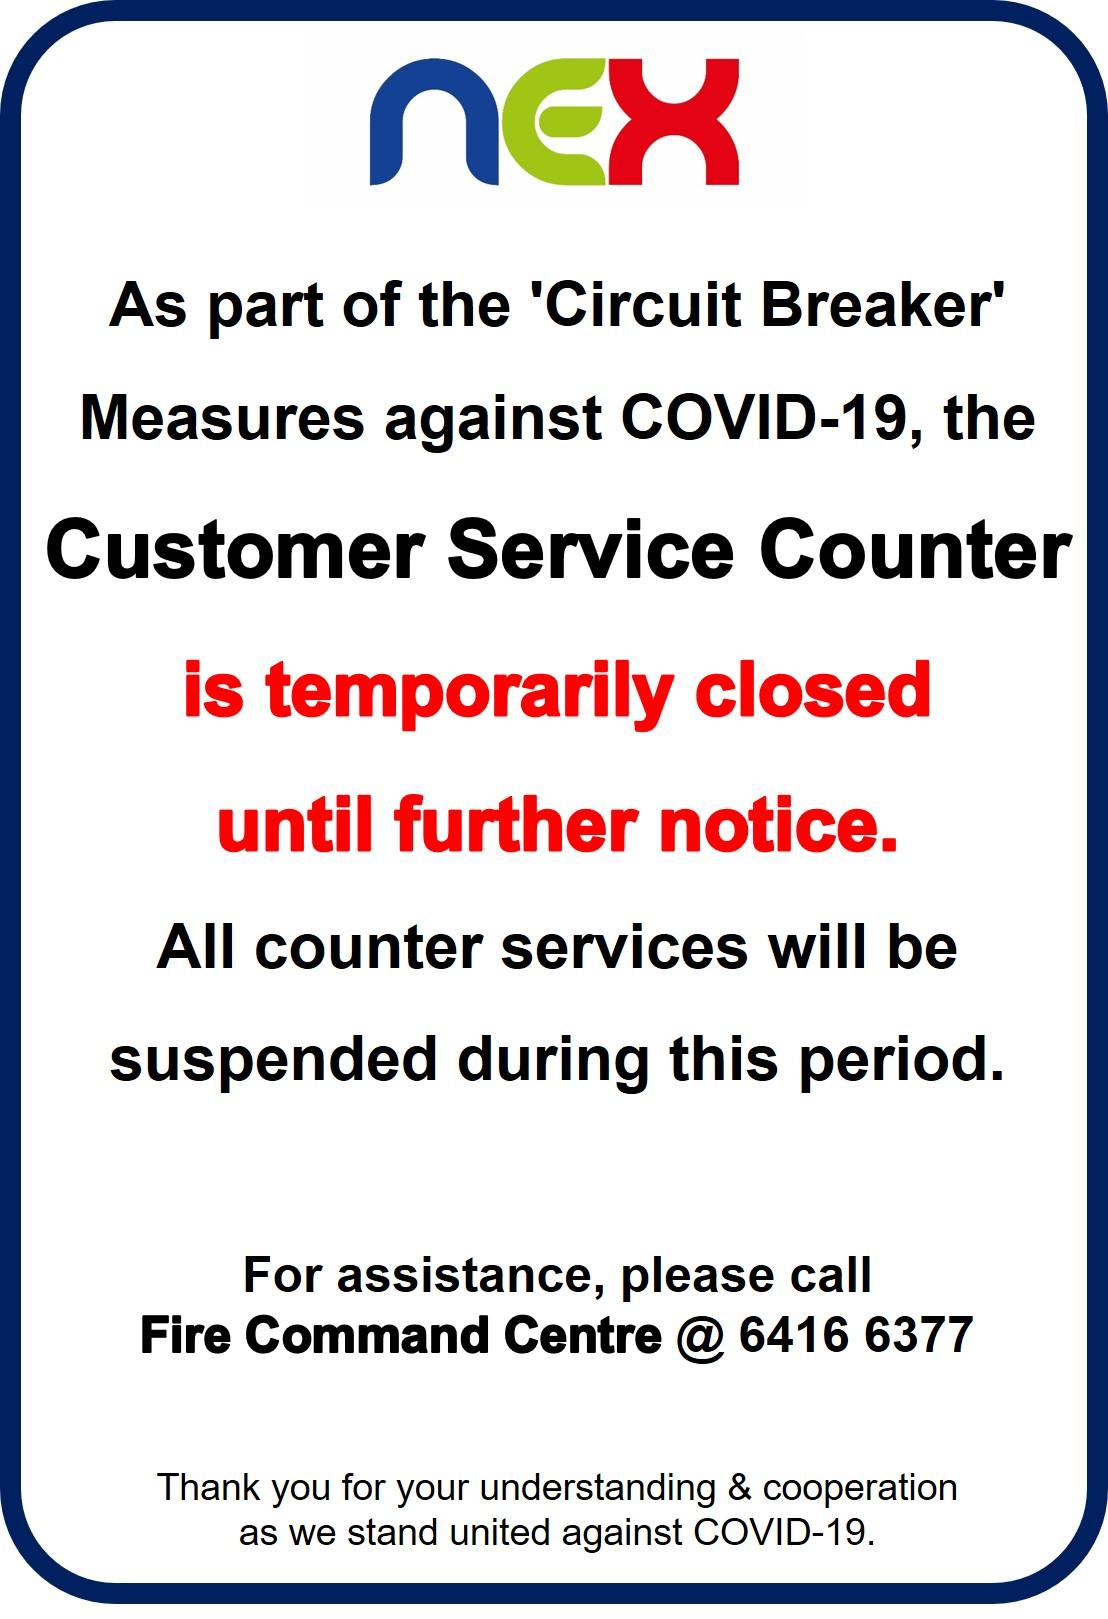 CS Closure